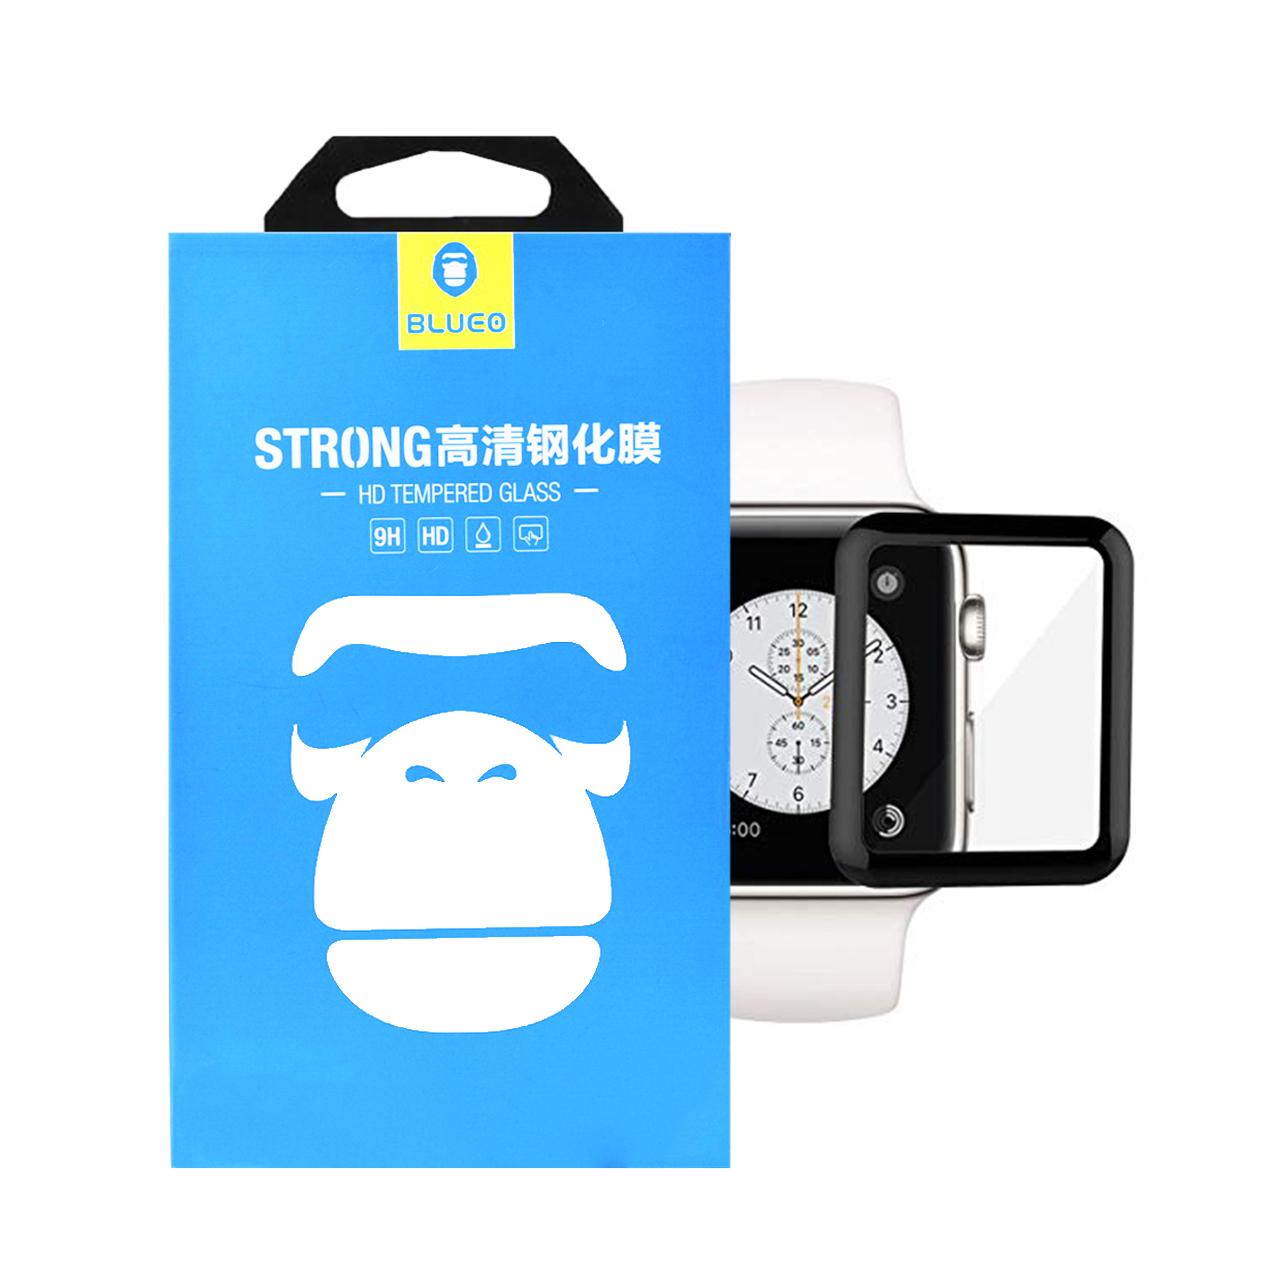 محافظ صفحه نمایش Full Cover شیشه ای بلو مدل STRONG مناسب برای اپل واچ 38mm